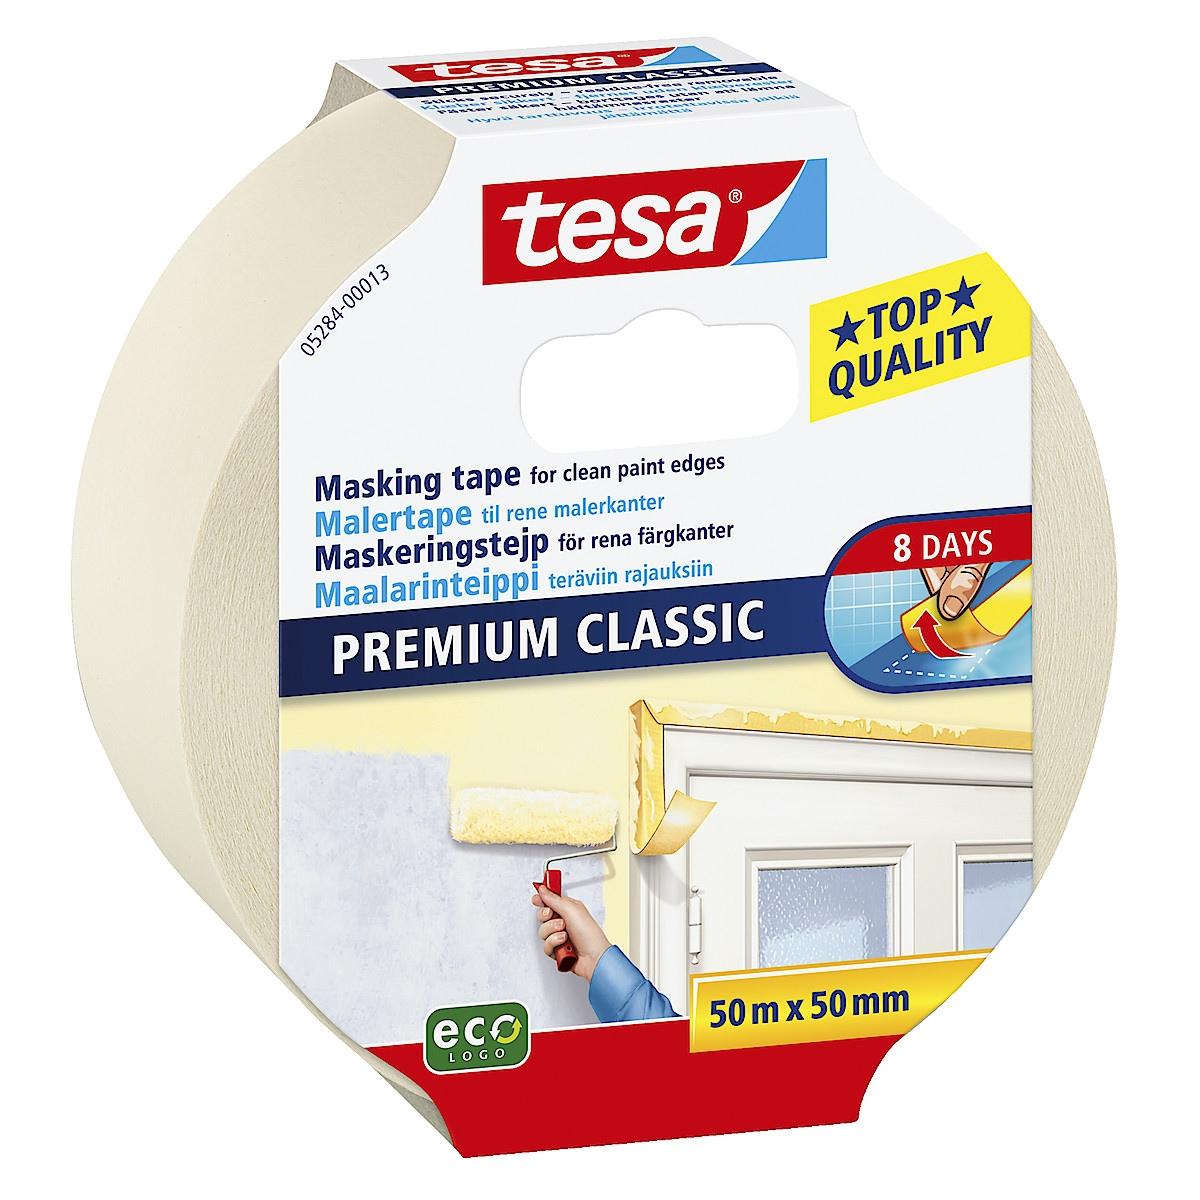 Maskeringstejp Tesa Premium Classic